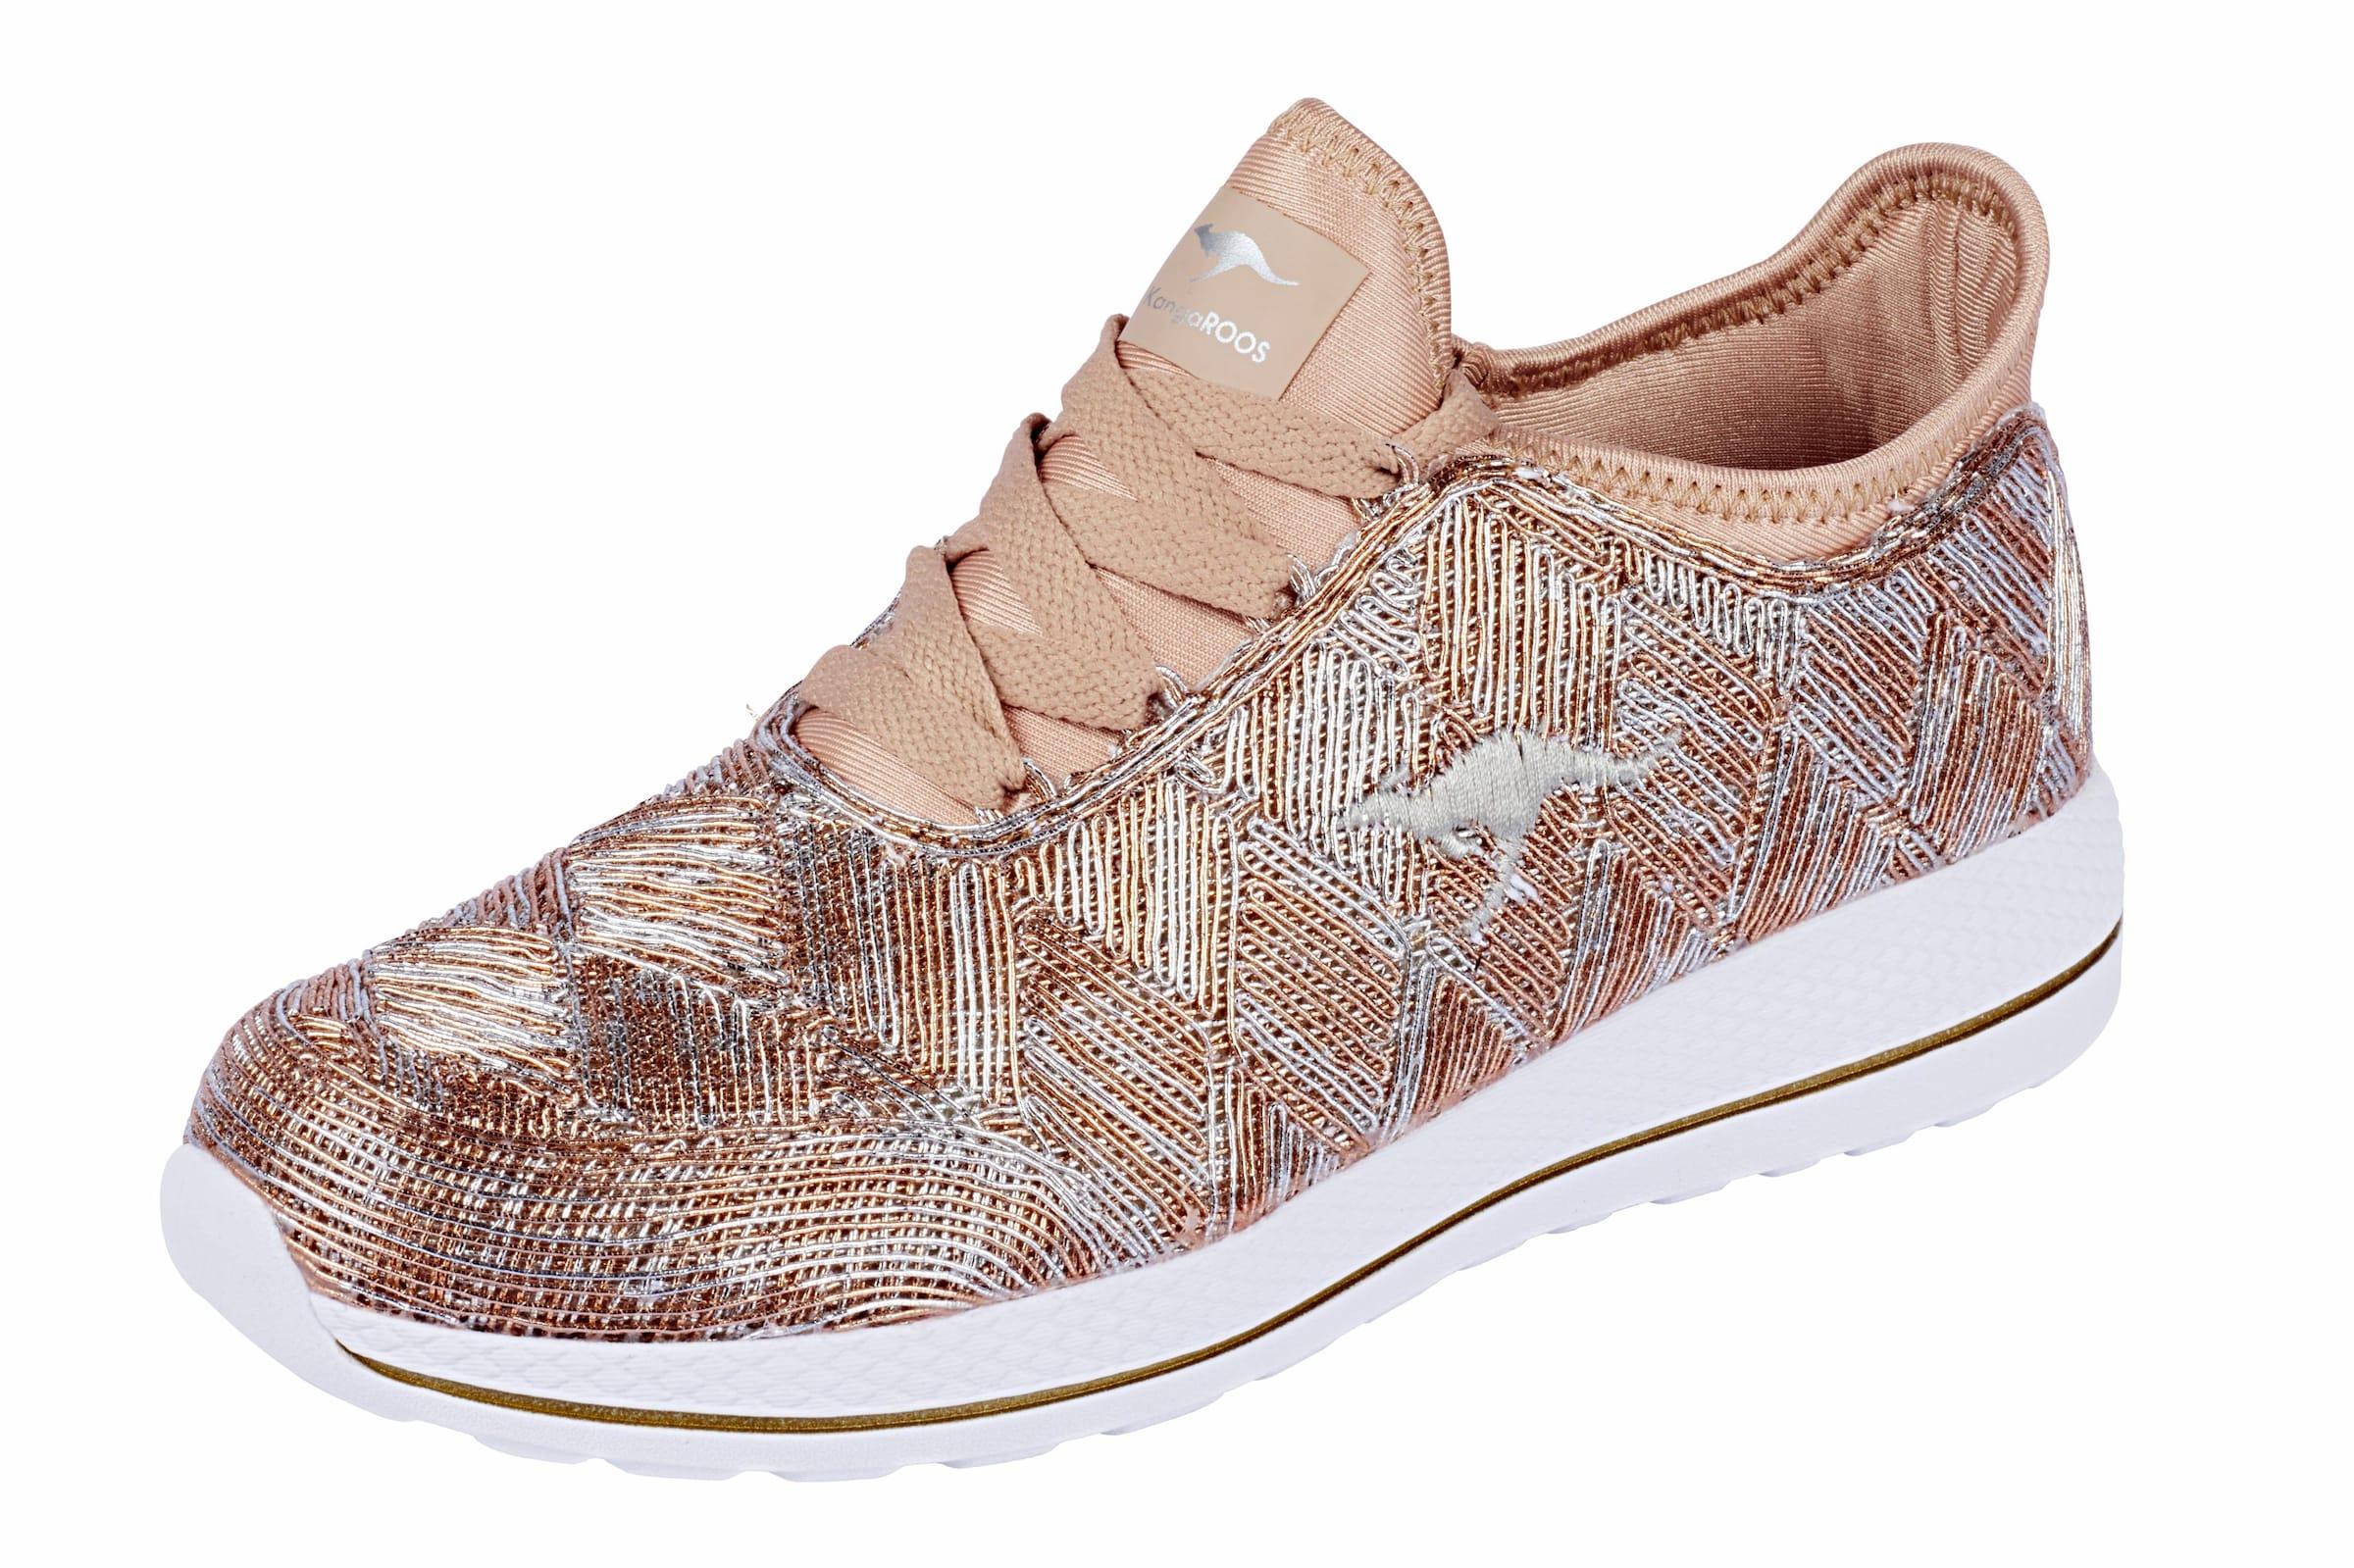 KangaROOS Sneaker mit Glanzeffekt Verschleißfeste billige Schuhe